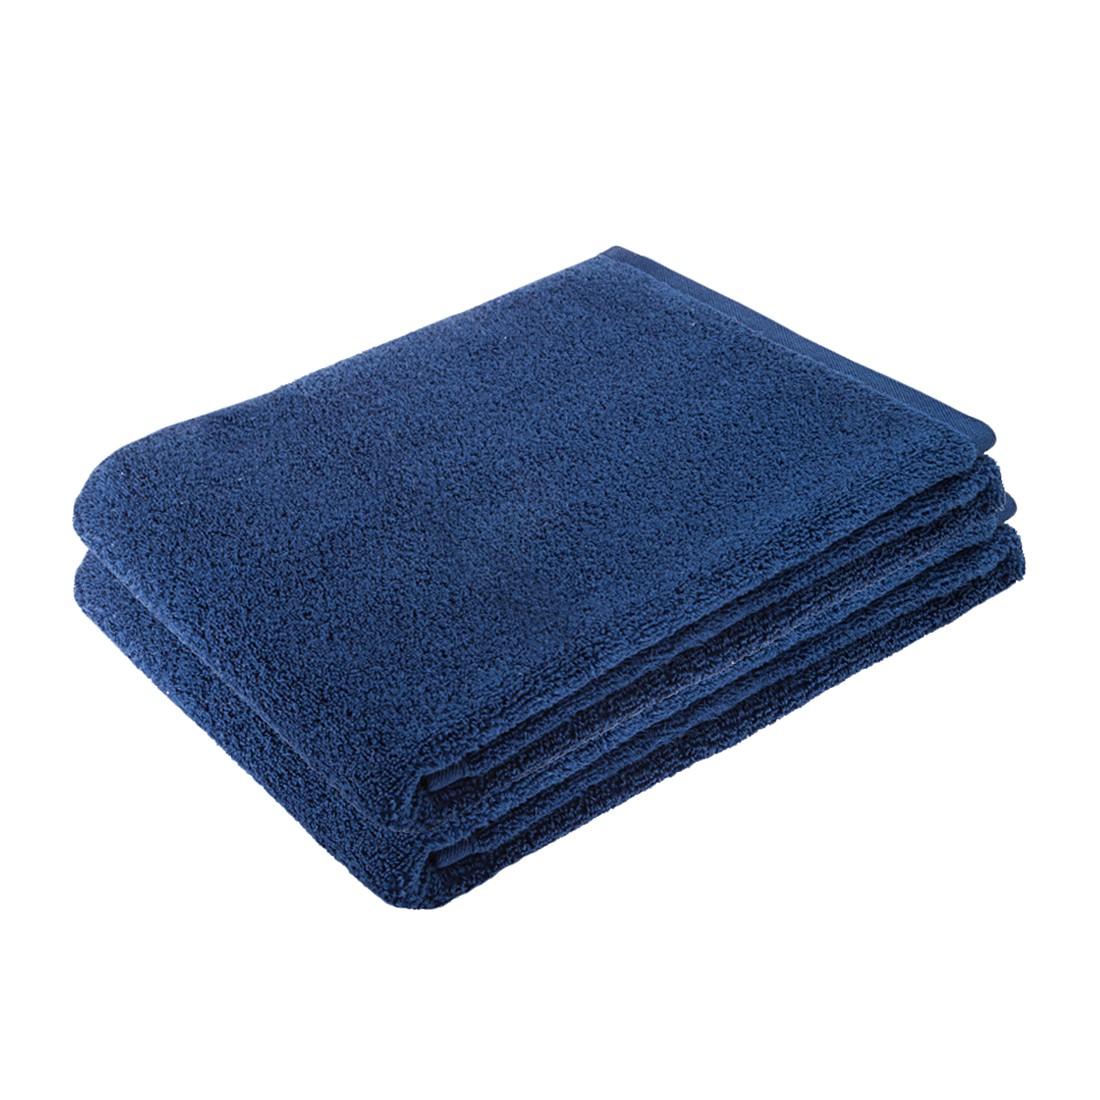 Home 24 - Ensemble de linges de toilette pure (2 éléments) - 100 % coton - bleu foncé, stilana